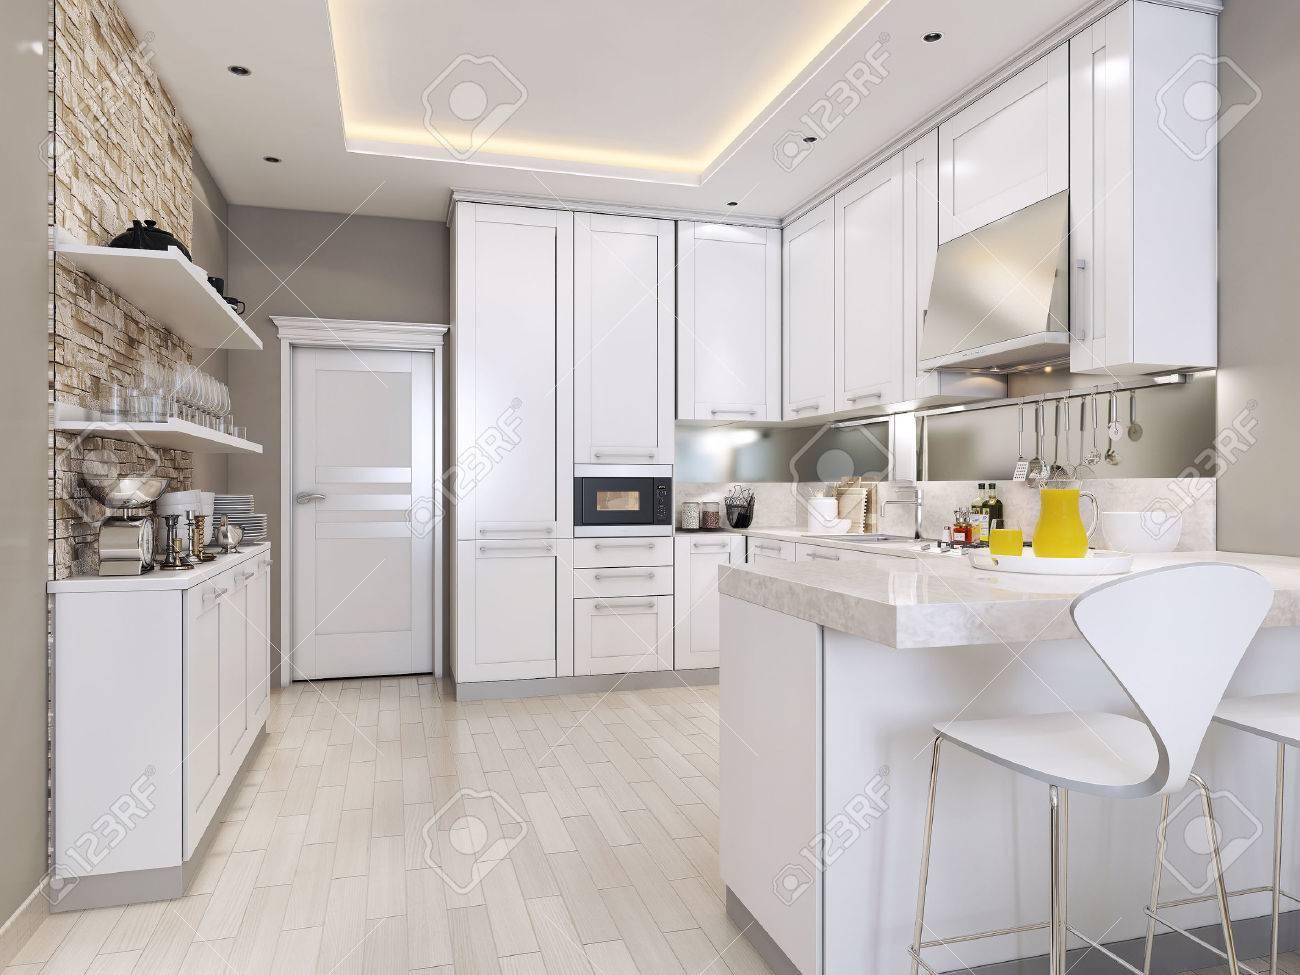 Küche Modern Stil, 3D-Bilder Lizenzfreie Fotos, Bilder Und Stock ...